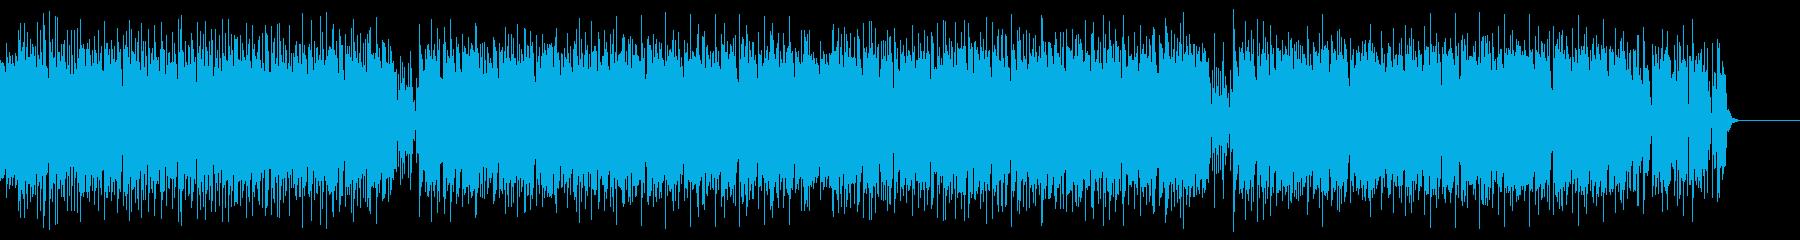 アップテンポなテクノ・トランスサウンドの再生済みの波形